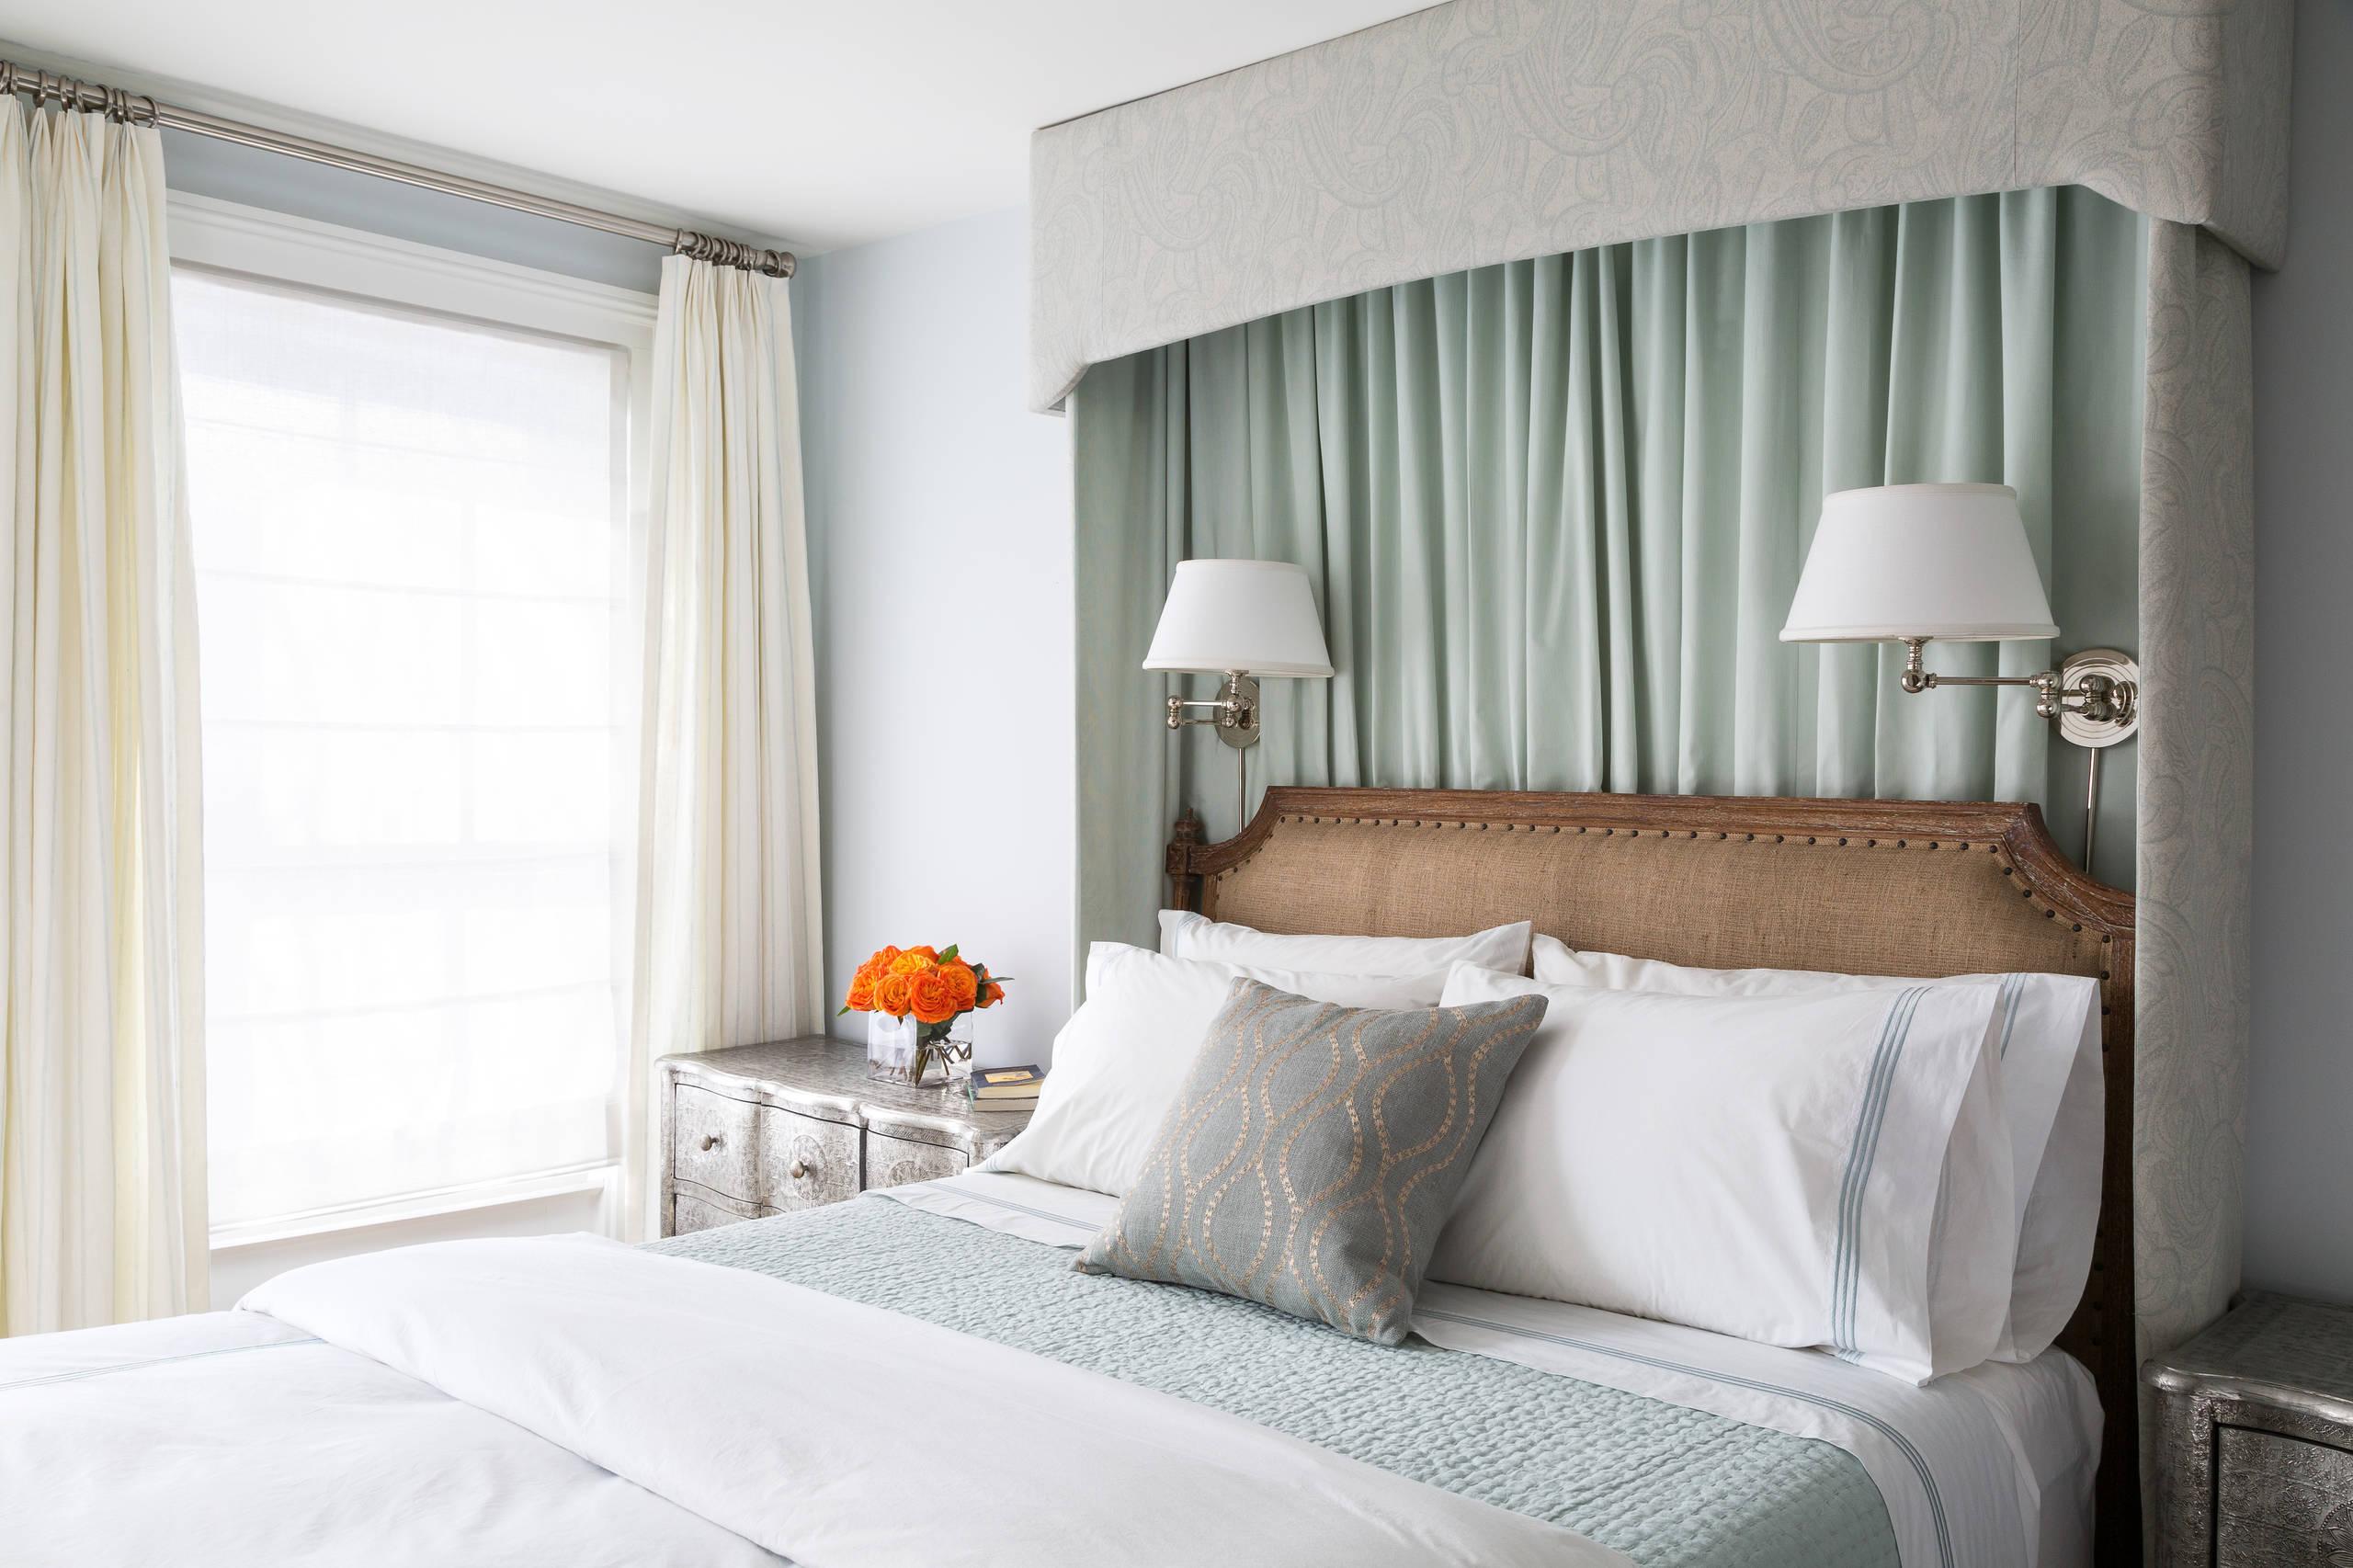 Le capitonnage de la tête de lit en toile de jute ajoutera un charme particulier à votre intérieur